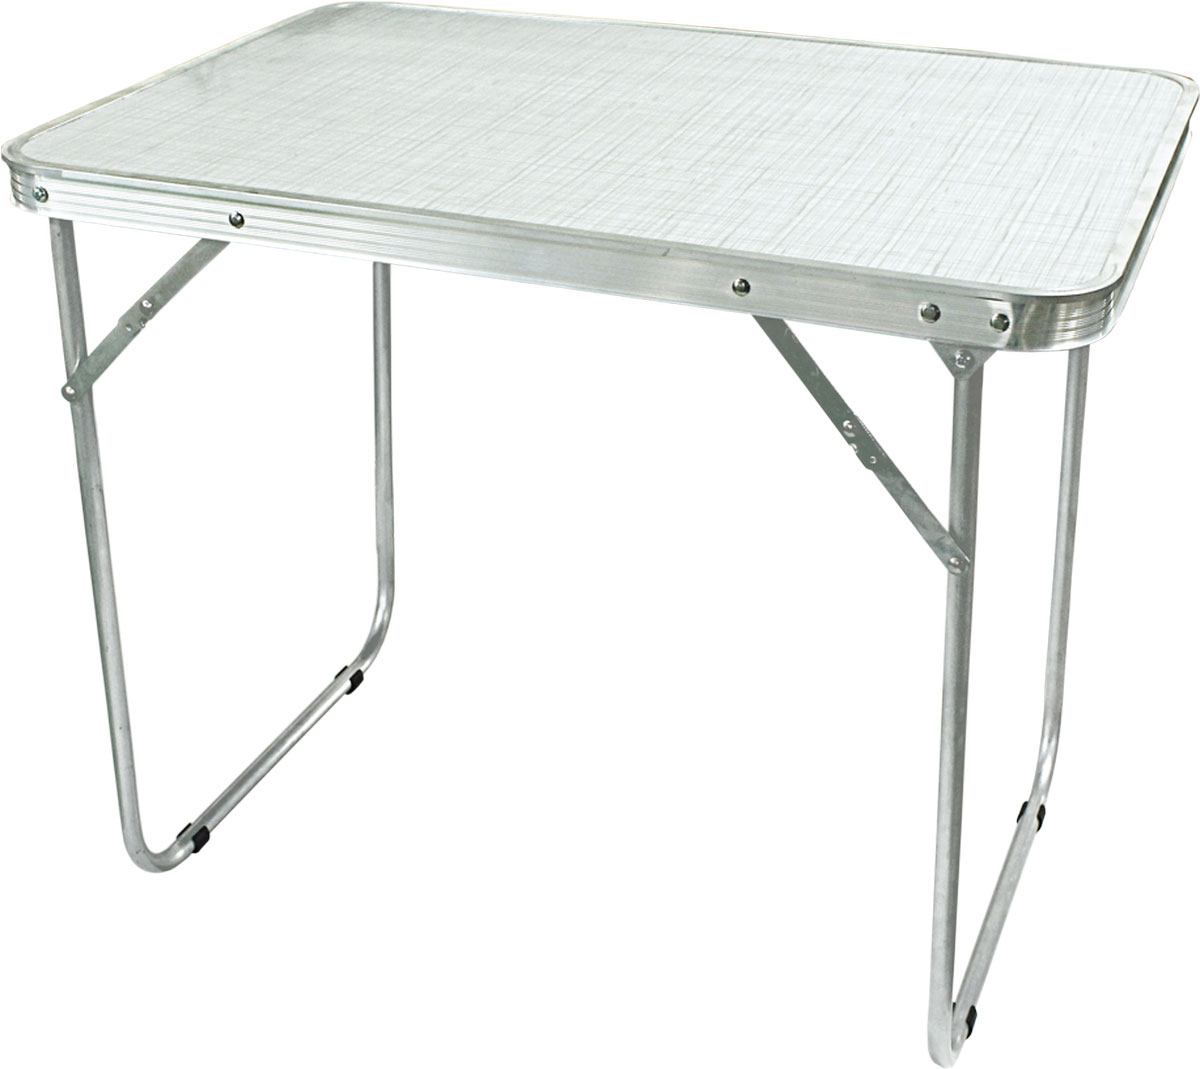 Стол складной Woodland Camping Table Light, цвет: белый, стальной, 70 x 50 x 60 см0063242Стол складной Woodland Camping Table Light создан специально для тех, кто любит отдыхать на природе небольшой компанией. Представленная модель сделает ваш пикник максимально комфортным и приятным. Прочный алюминиевый каркас обеспечивает прекрасную устойчивость изделия и его долговечность. Столешница может выдержать максимальную нагрузку 20 кг.Профиль: алюминий. Труба: алюминий, 16 х 1 мм. Столешница: ХДФ.Компактная складная конструкция.Прочный алюминий каркас.Материал столешницы - ХДФ.Максимально допустимая нагрузка: 20 кг.